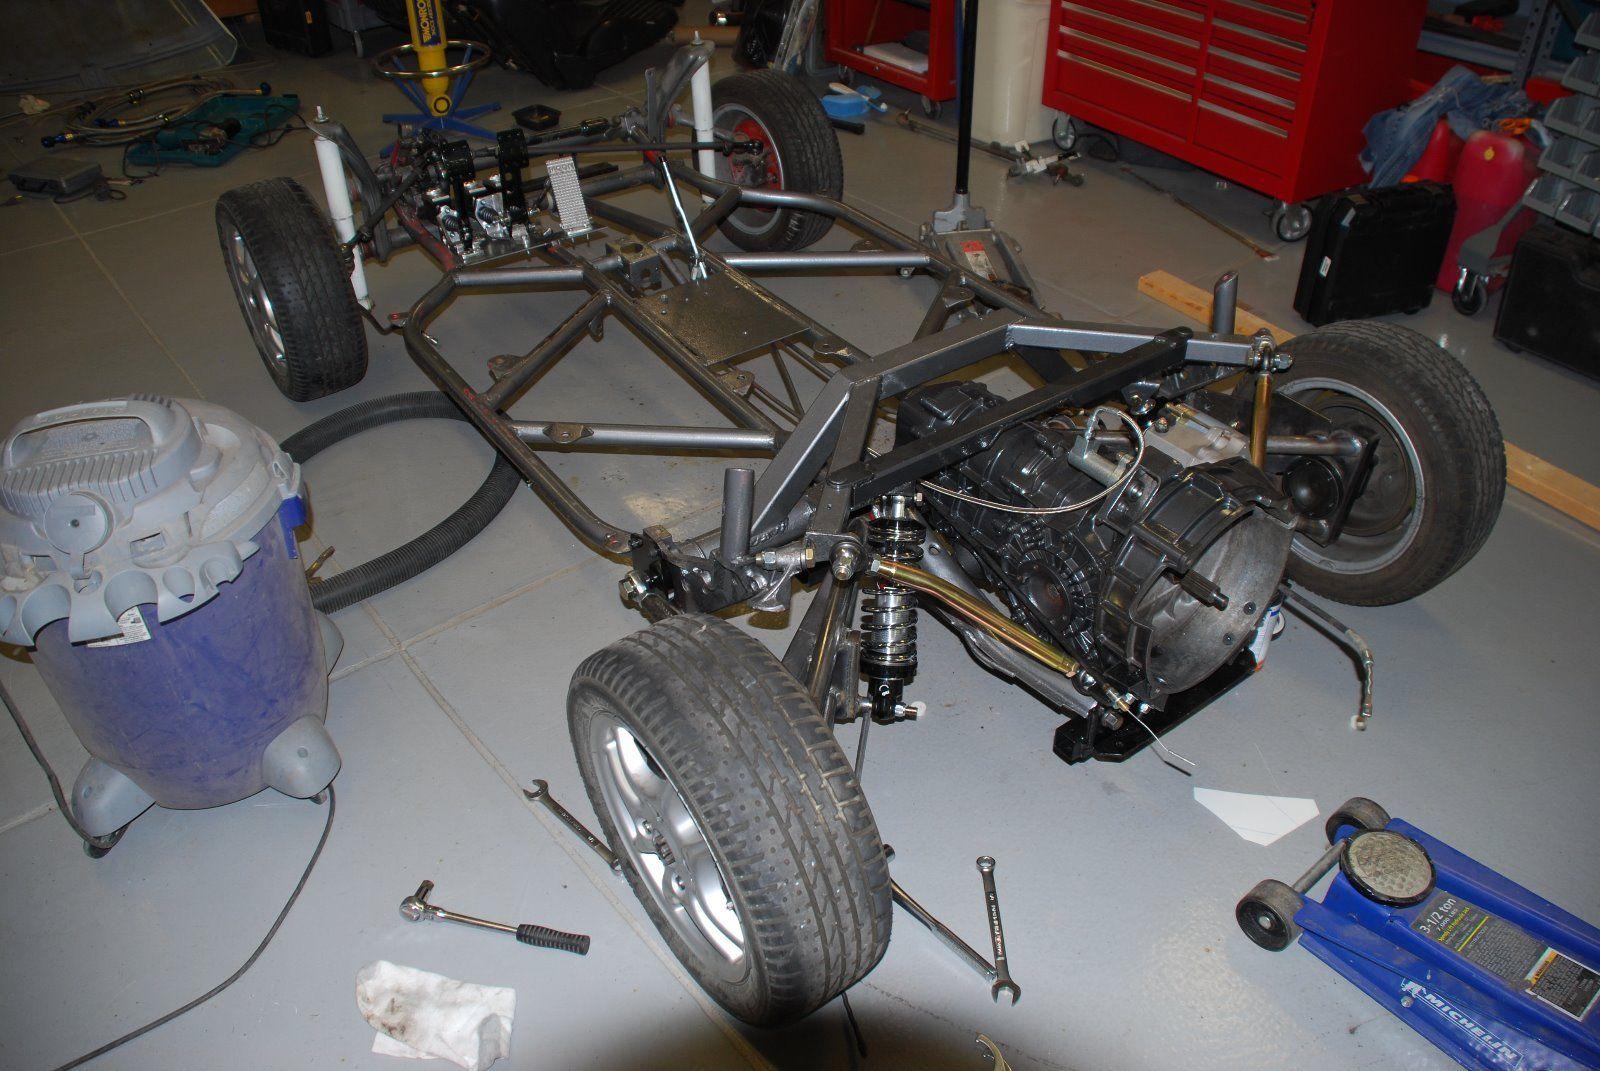 vw wiring harness kits 1957 fiat 500 with a subaru ej25     engine swap depot  1957 fiat 500 with a subaru ej25     engine swap depot